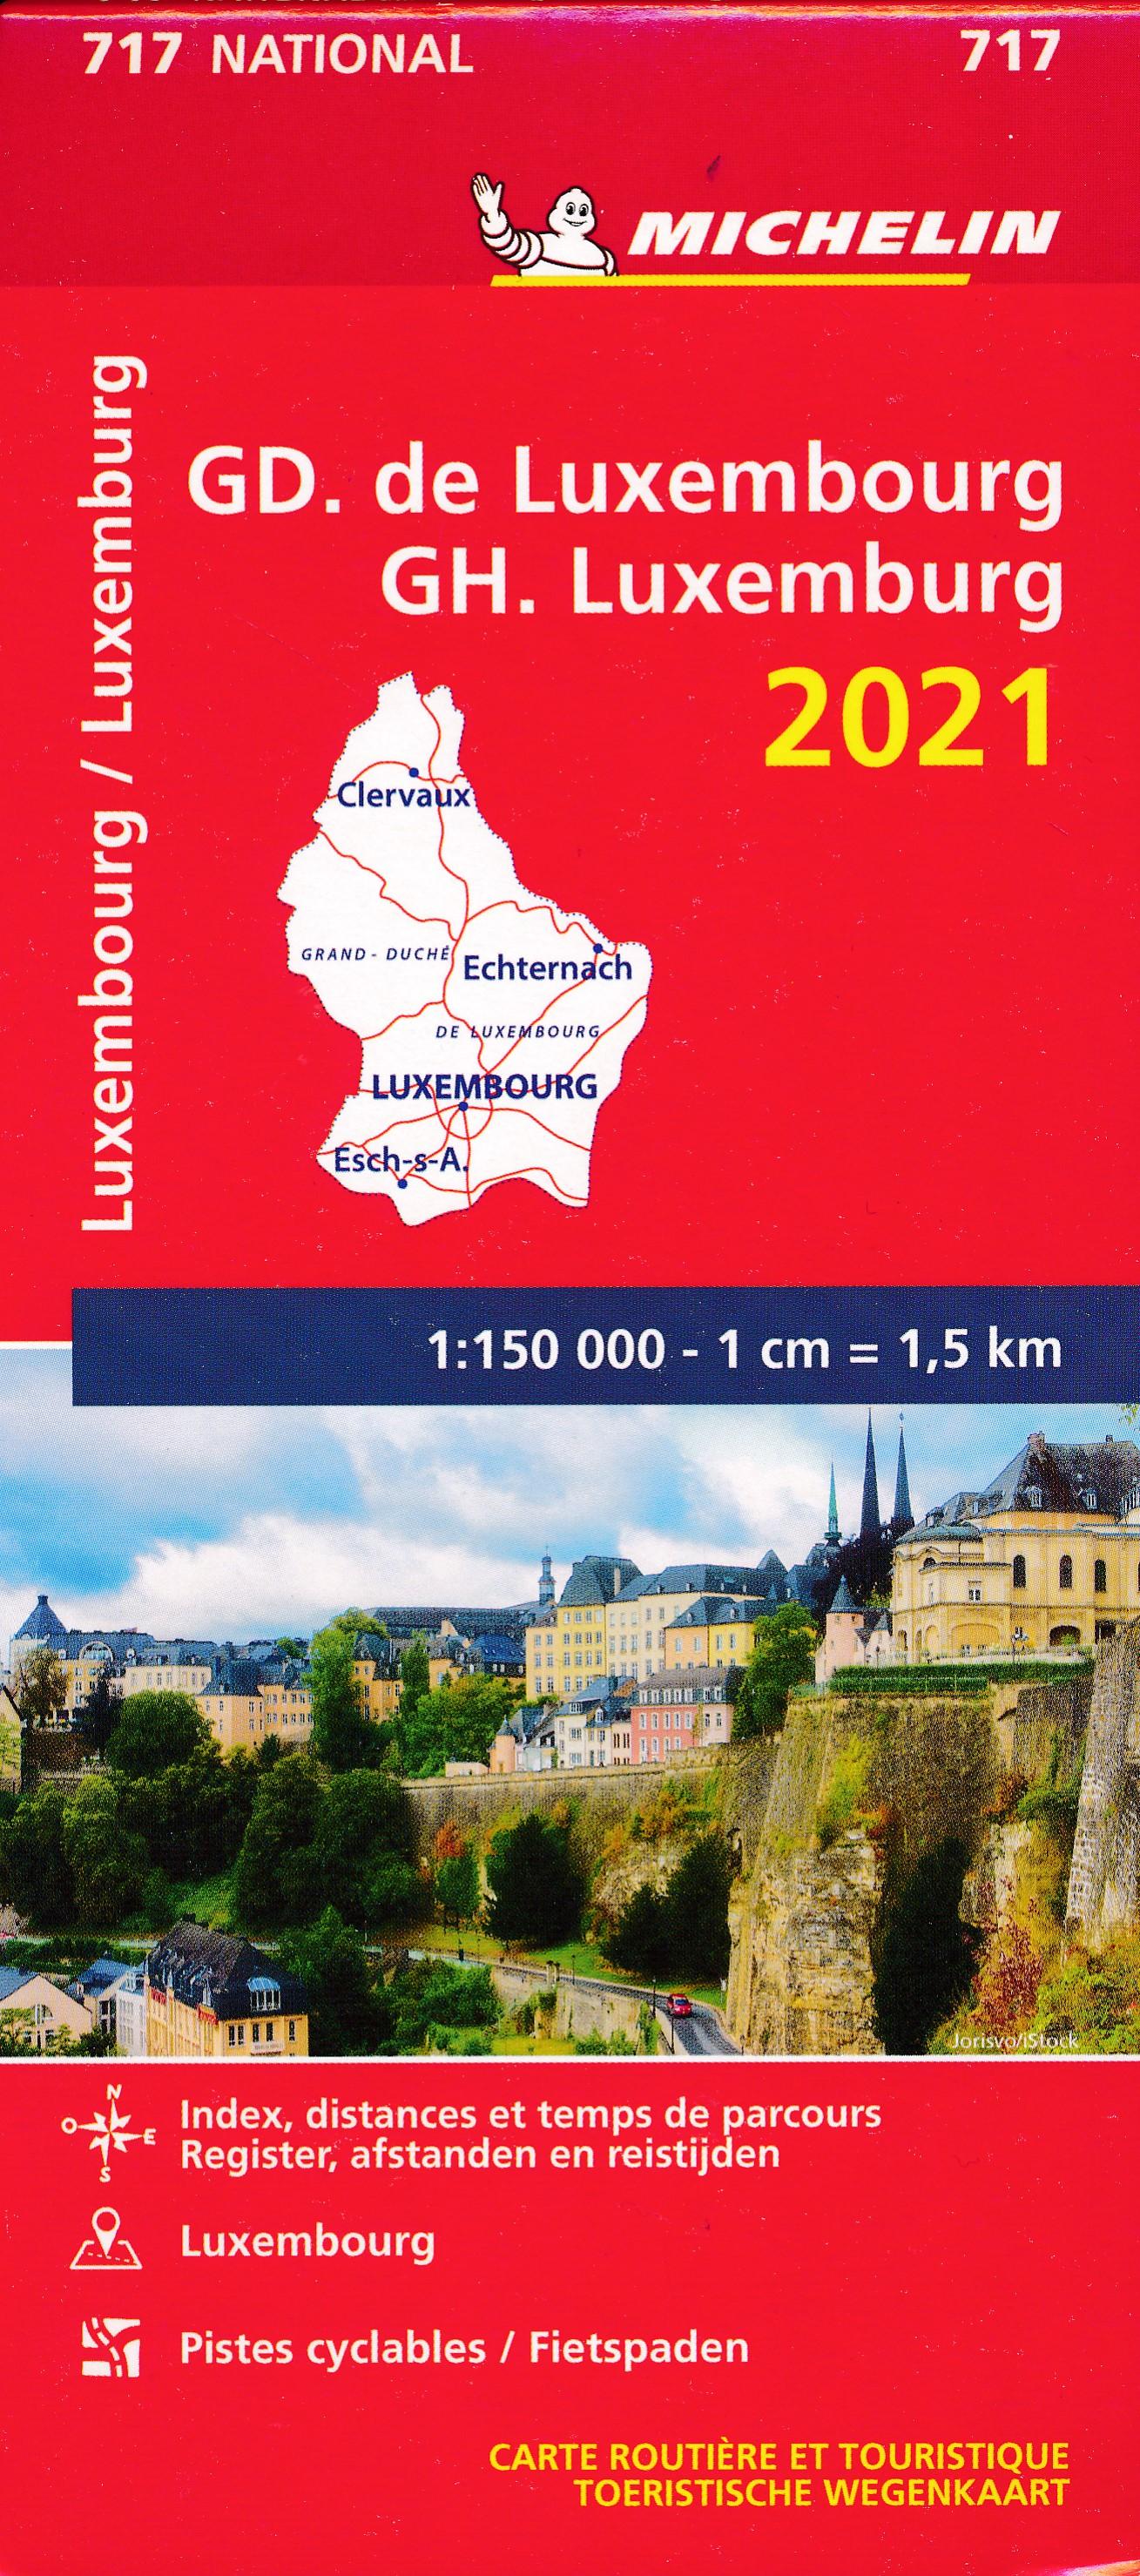 717 Luxemburg, Groothertogdom 1:150.000, 2021 9782067250161  Michelin Michelinkaarten Jaaredities  Landkaarten en wegenkaarten Luxemburg